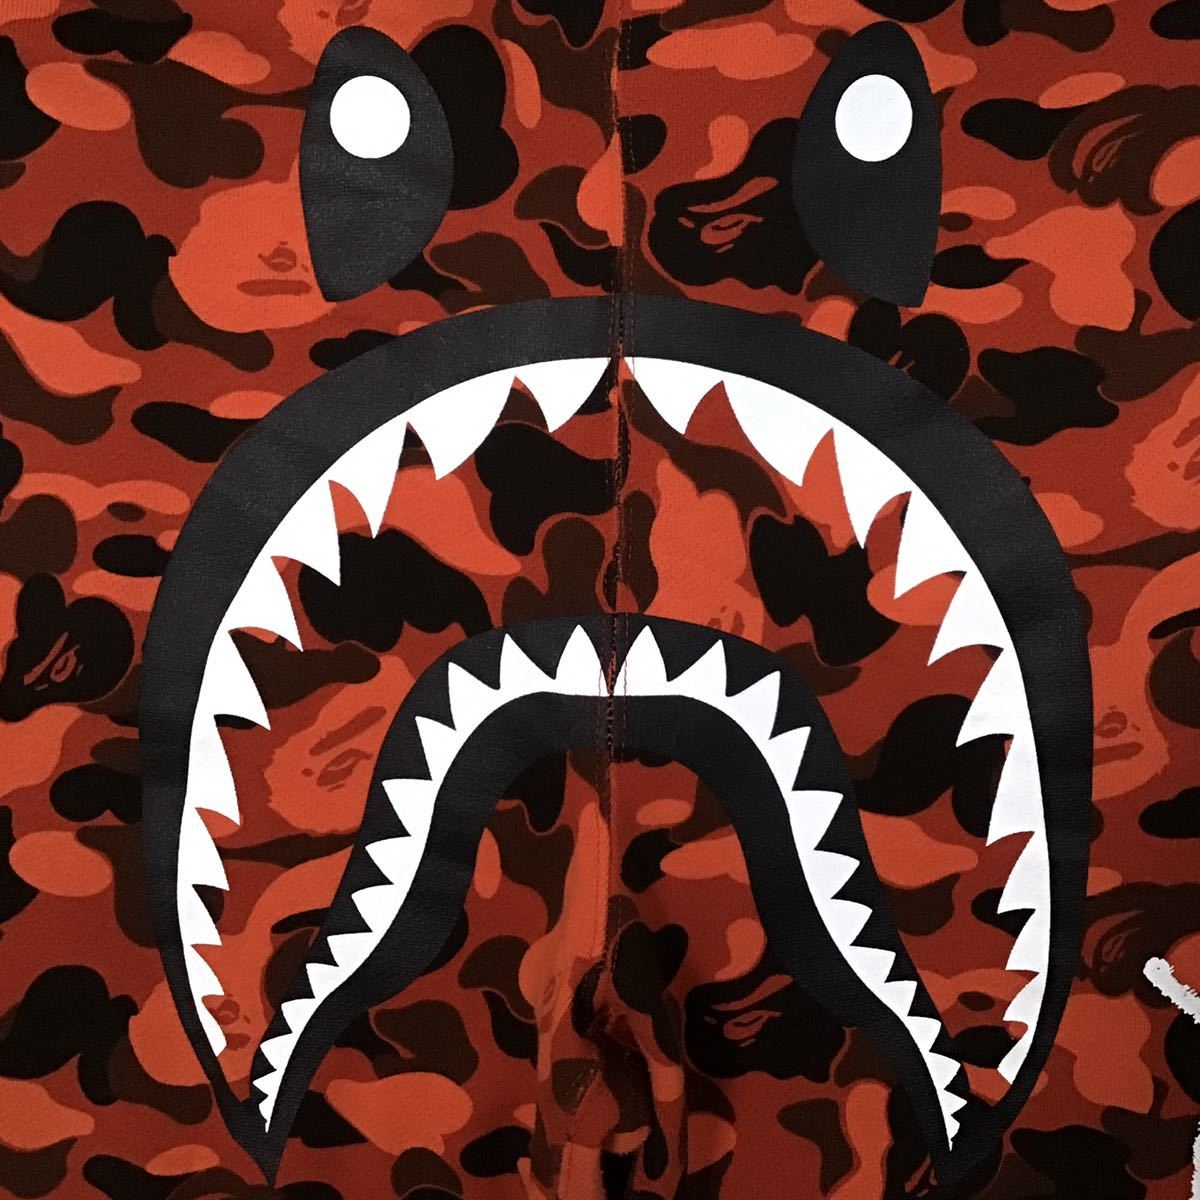 ★激レア★ XO × BAPE シャーク スウェットパンツ Lサイズ a bathing ape The Weeknd shark sweat pants エイプ ベイプ red camo 迷彩 313